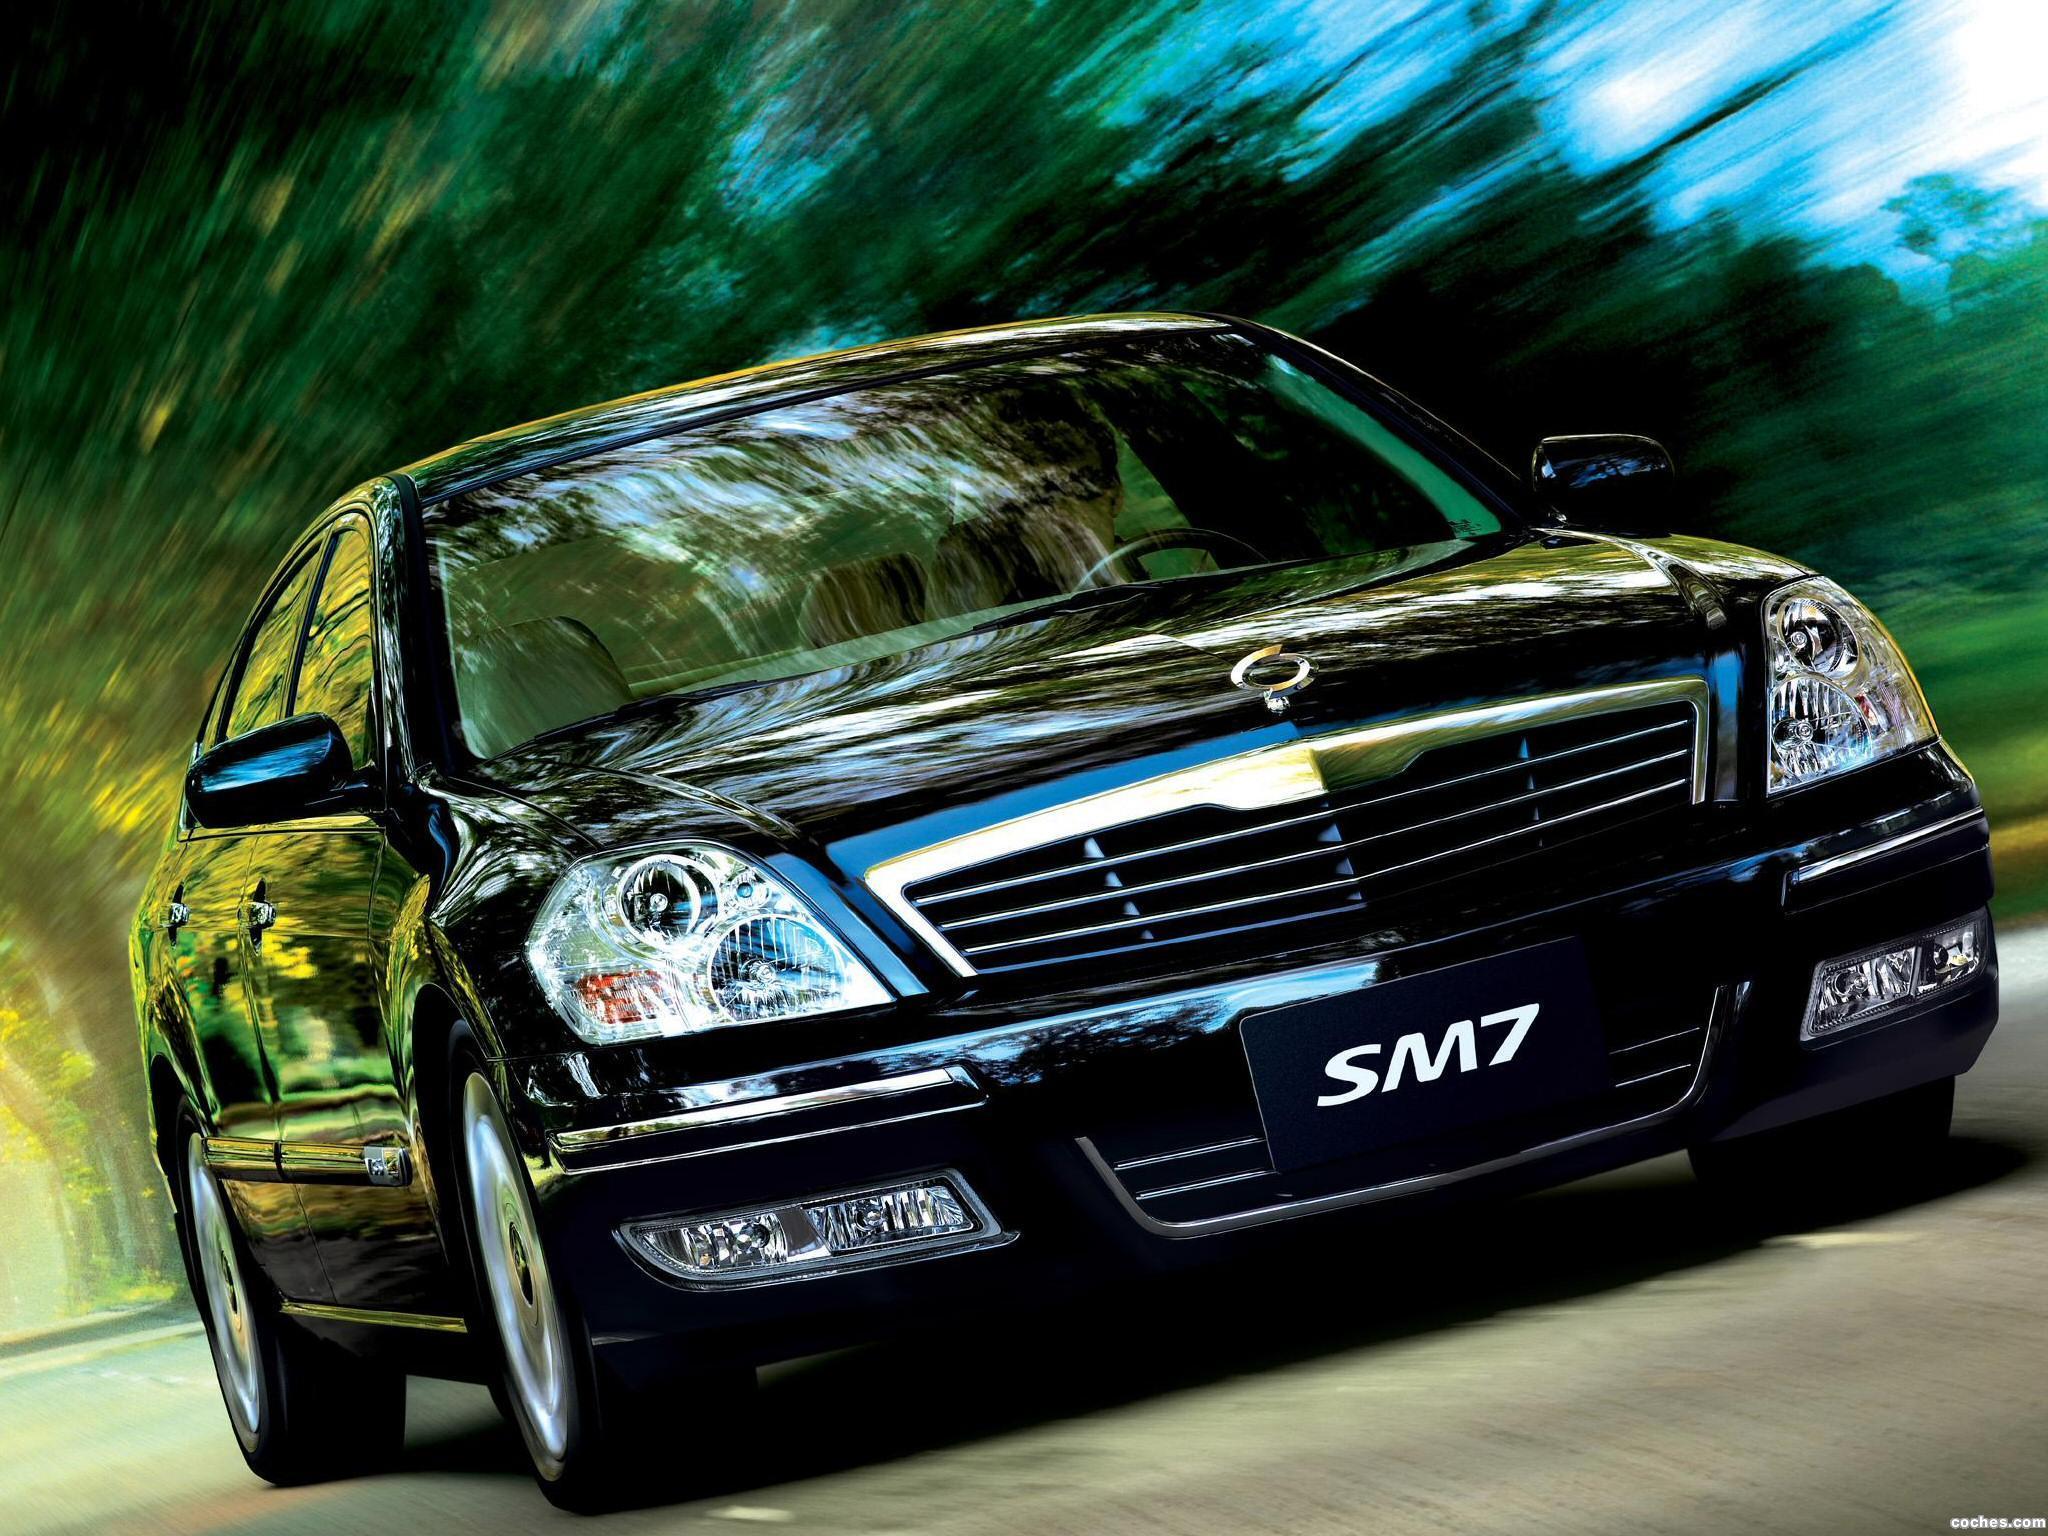 Foto 0 de Samsung SM7 2004